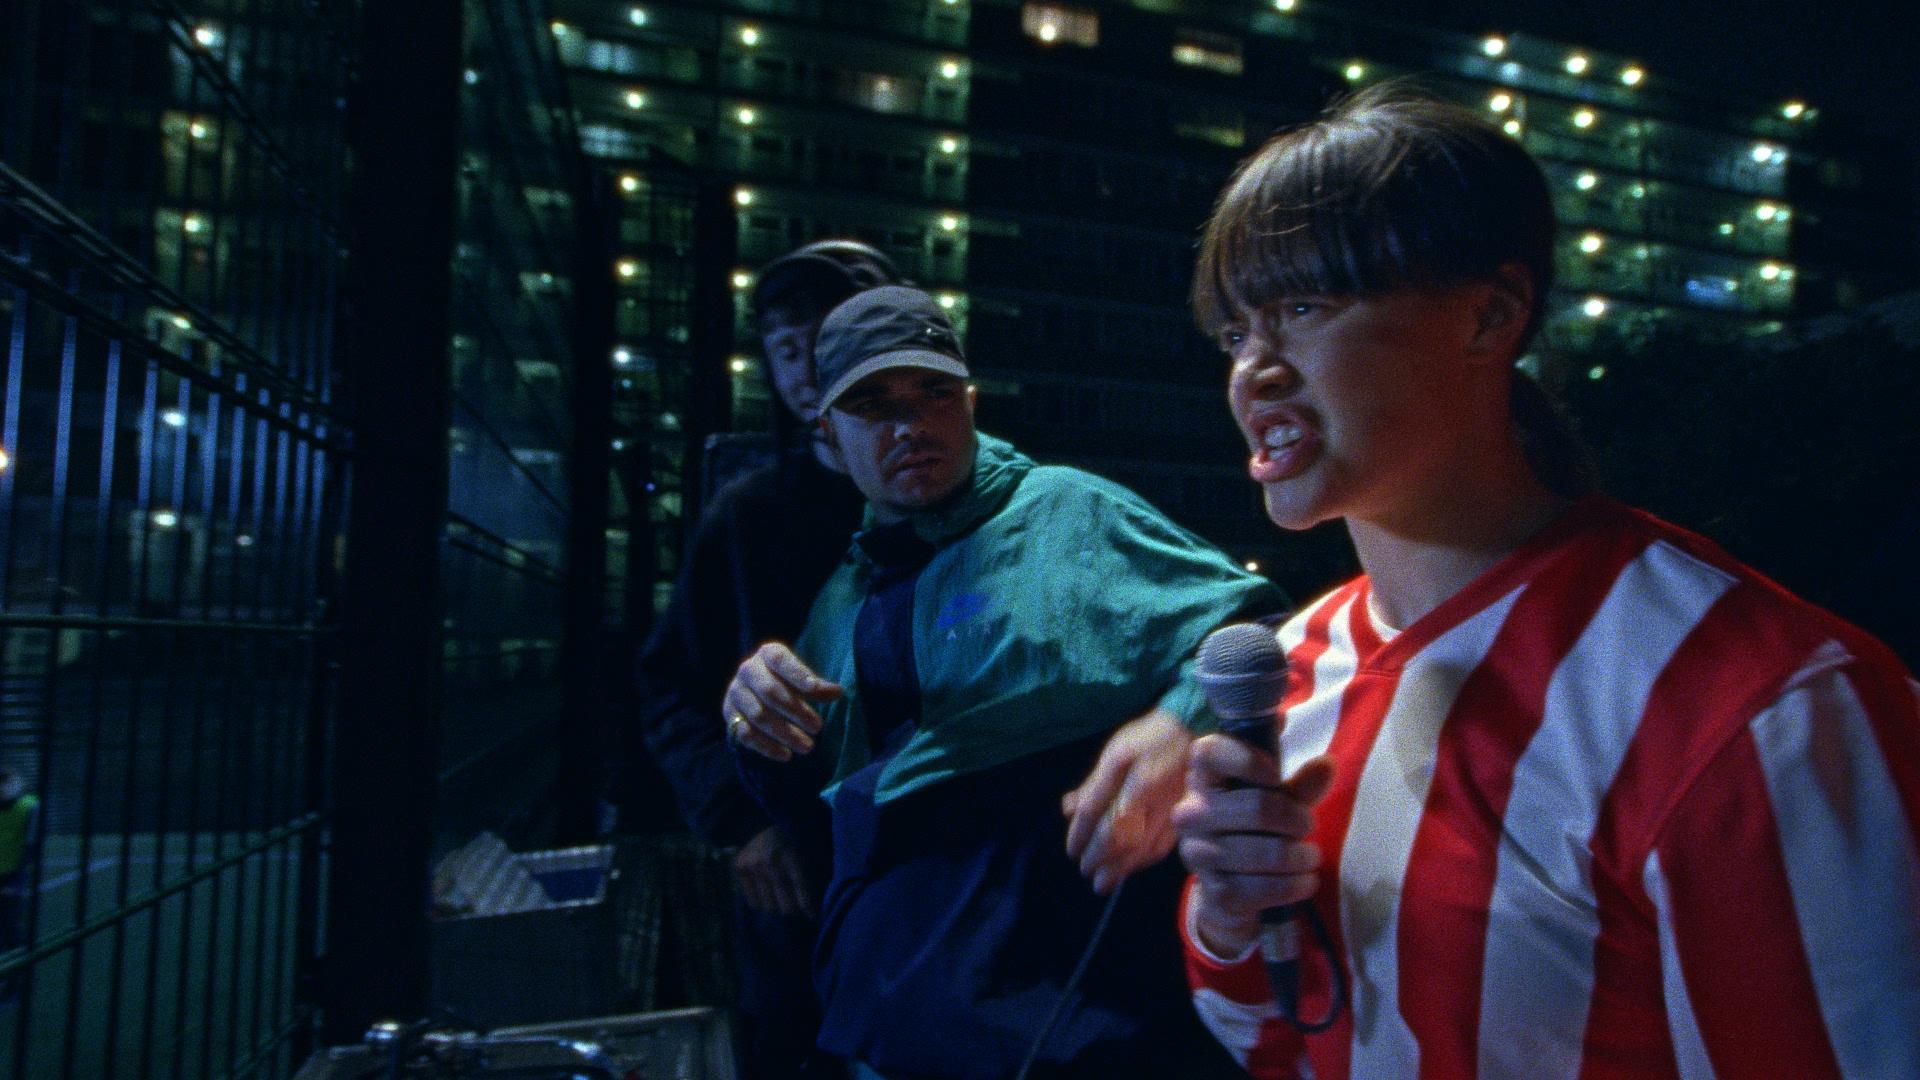 nike-london-film-03_original.jpg